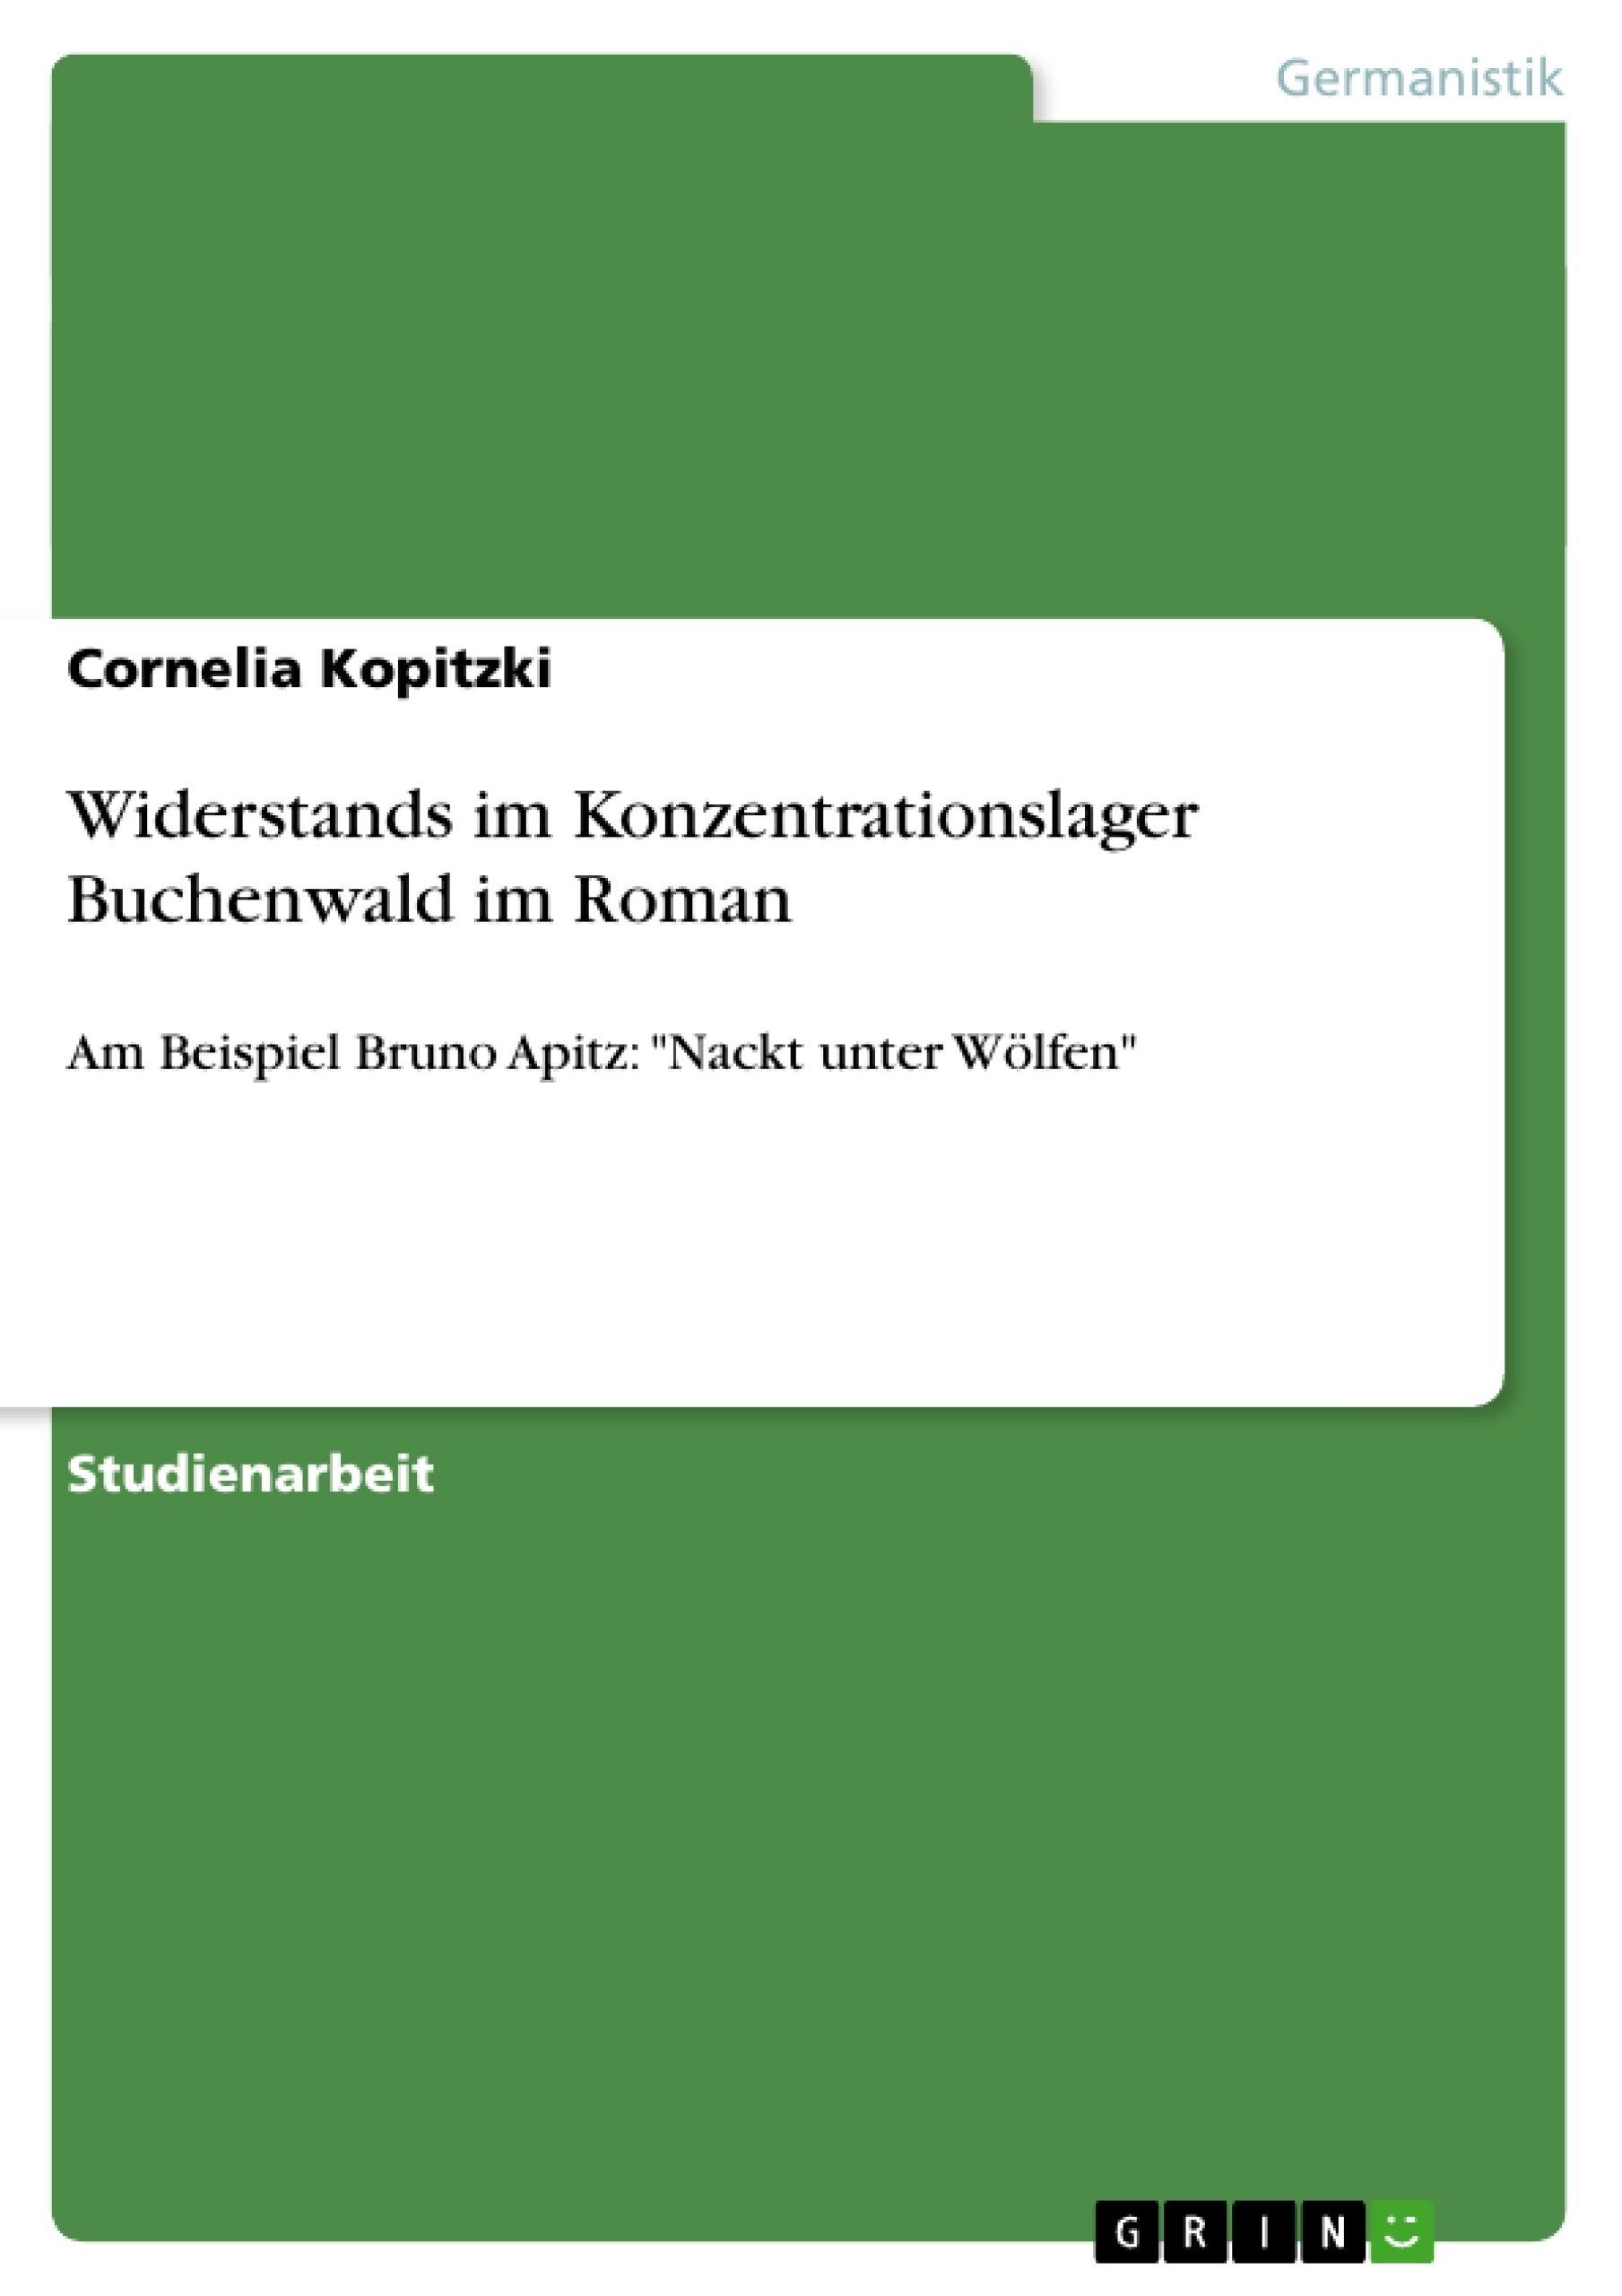 Titel: Widerstands im Konzentrationslager Buchenwald im Roman